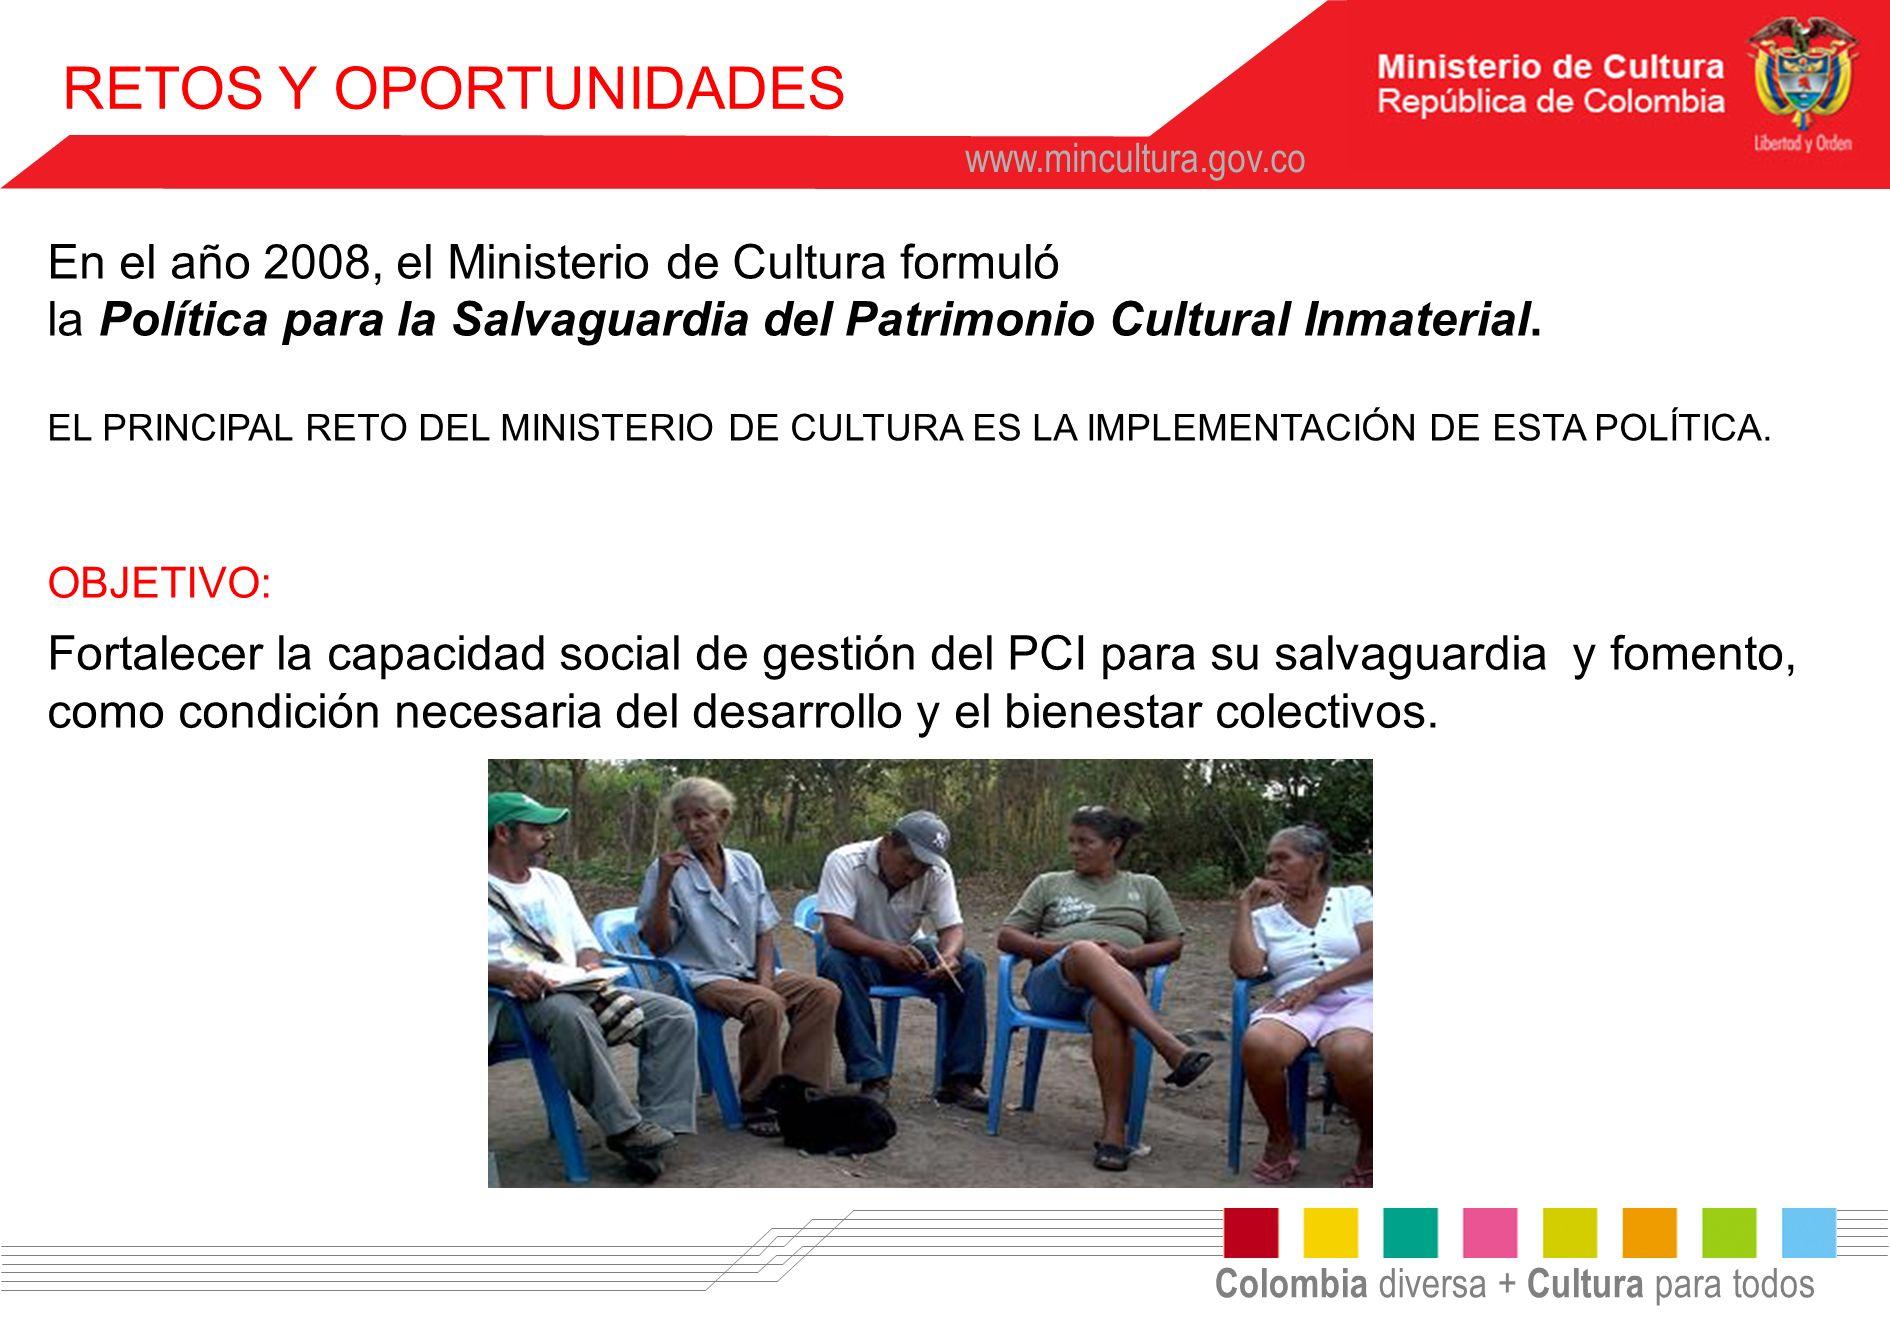 Colombia diversa + Cultura para todos www.mincultura.gov.co RETOS Y OPORTUNIDADES OBJETIVO: Fortalecer la capacidad social de gestión del PCI para su